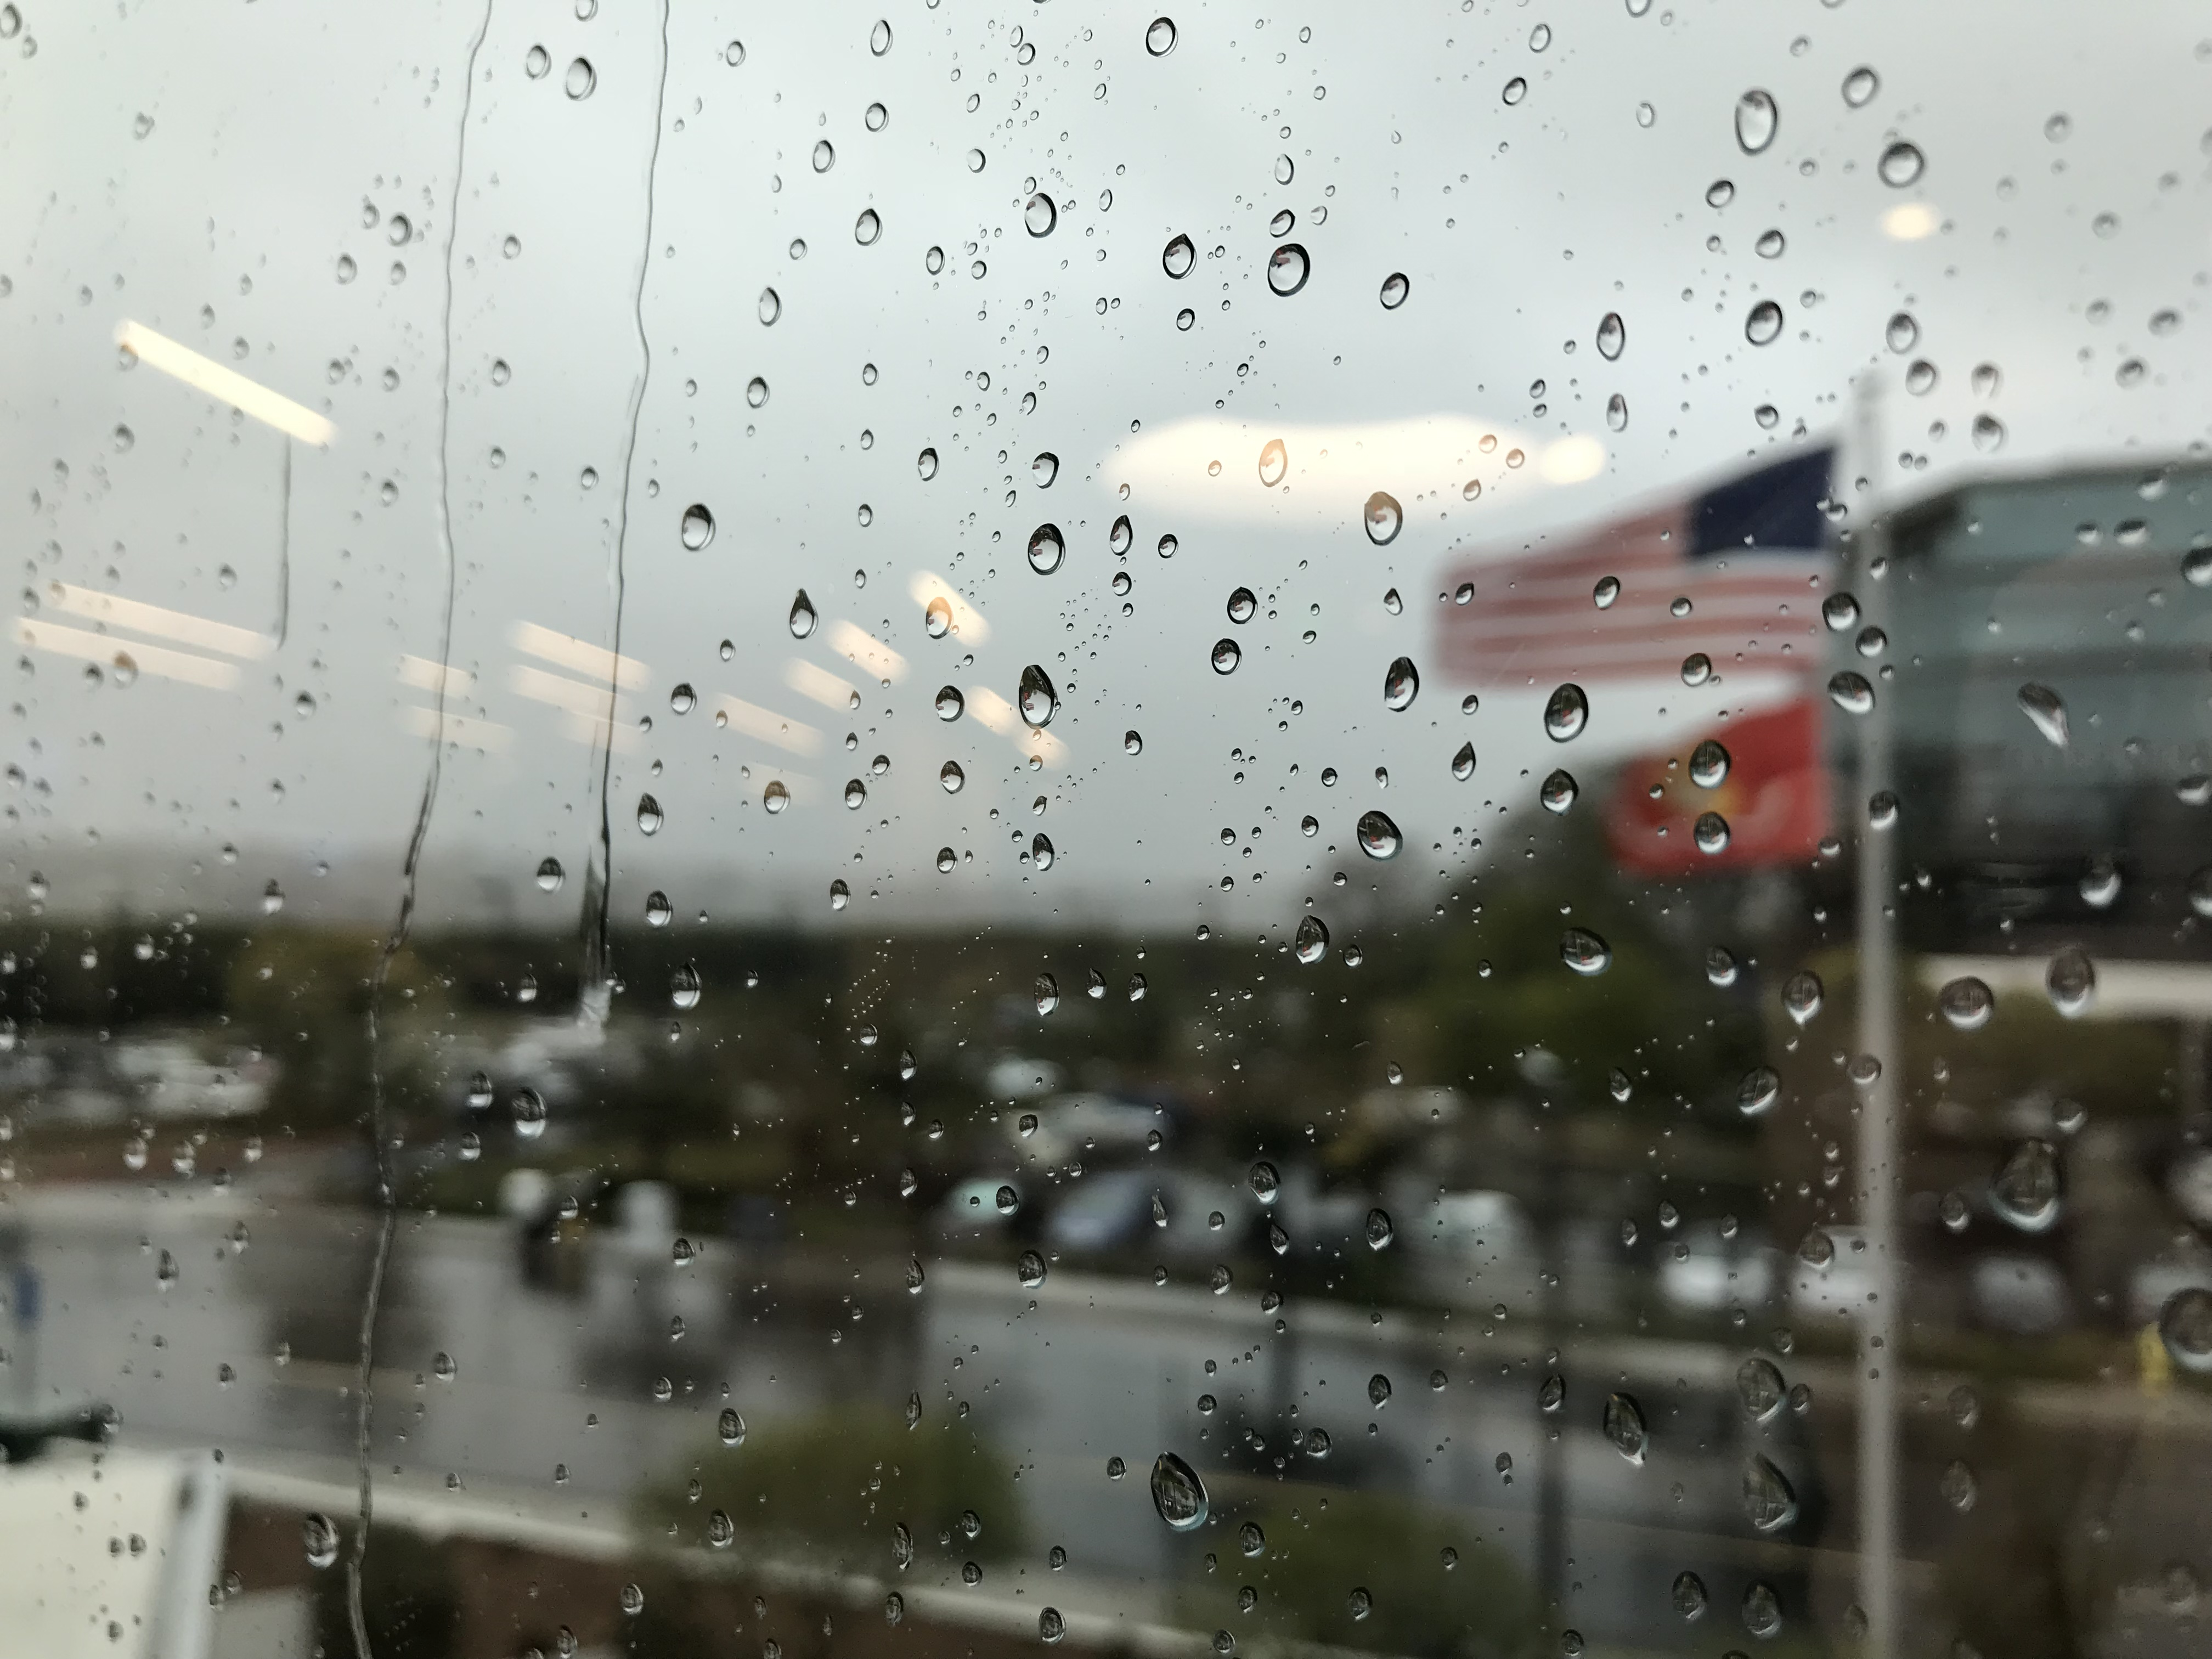 The rain had hit hard in Kearny Mesa by 11 a.m. Thursday.